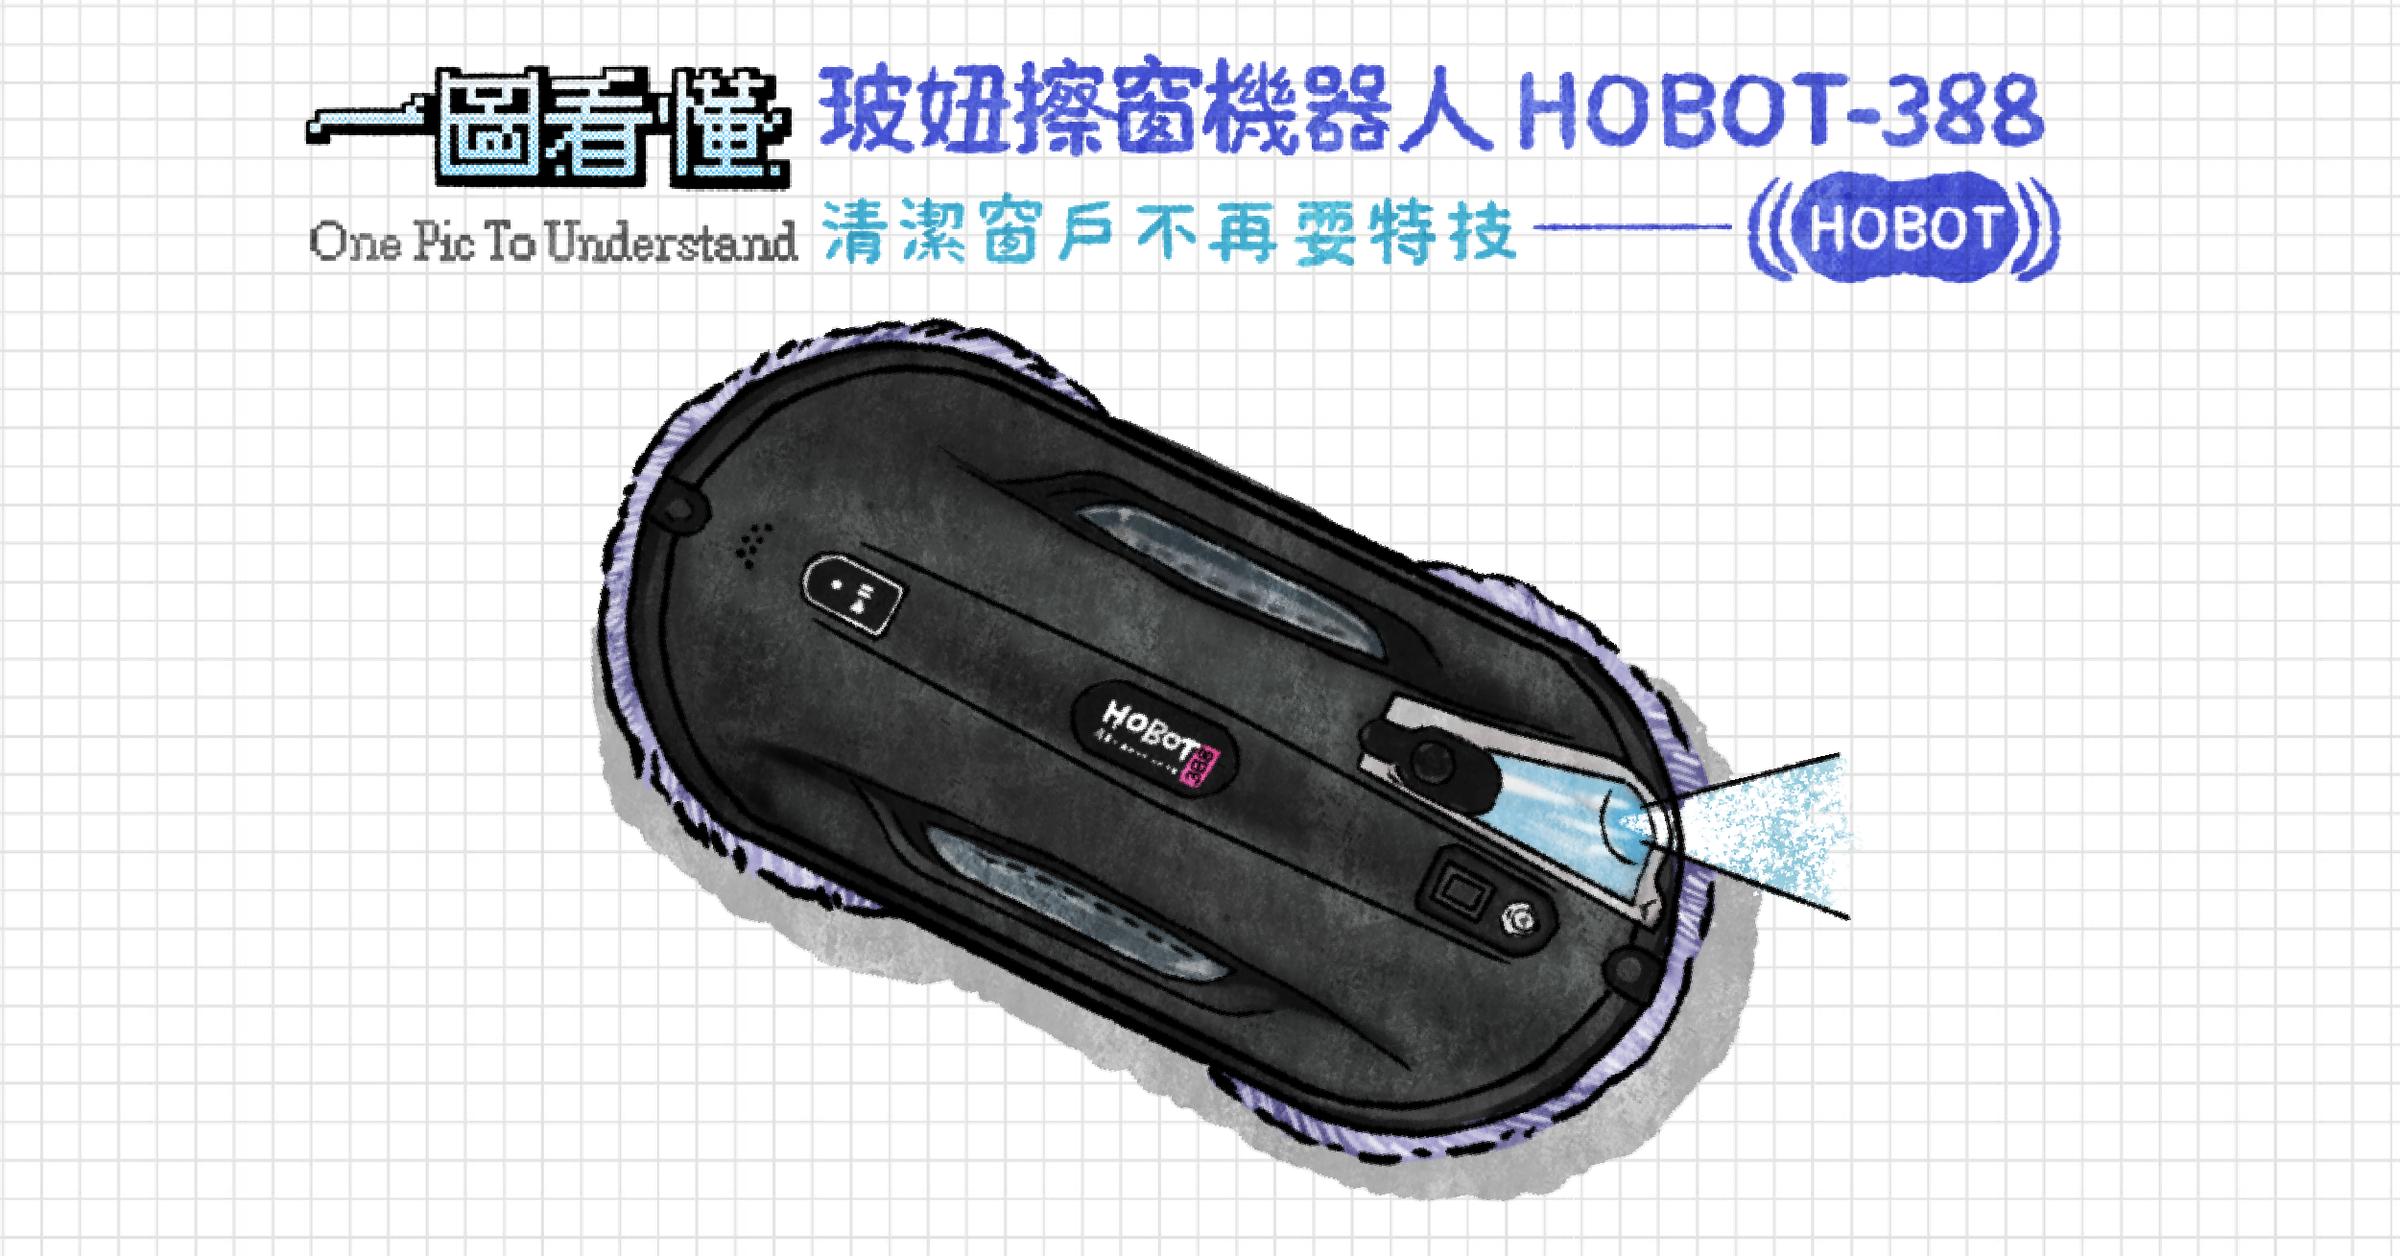 照片中提到了(((НОВОТ、一國着懂玻姆擦窗機器人HOBOT-388、One Pic To Understand 清潔窗戶不再要特技一,包含了時尚配飾、時尚配飾、產品設計、產品、牌